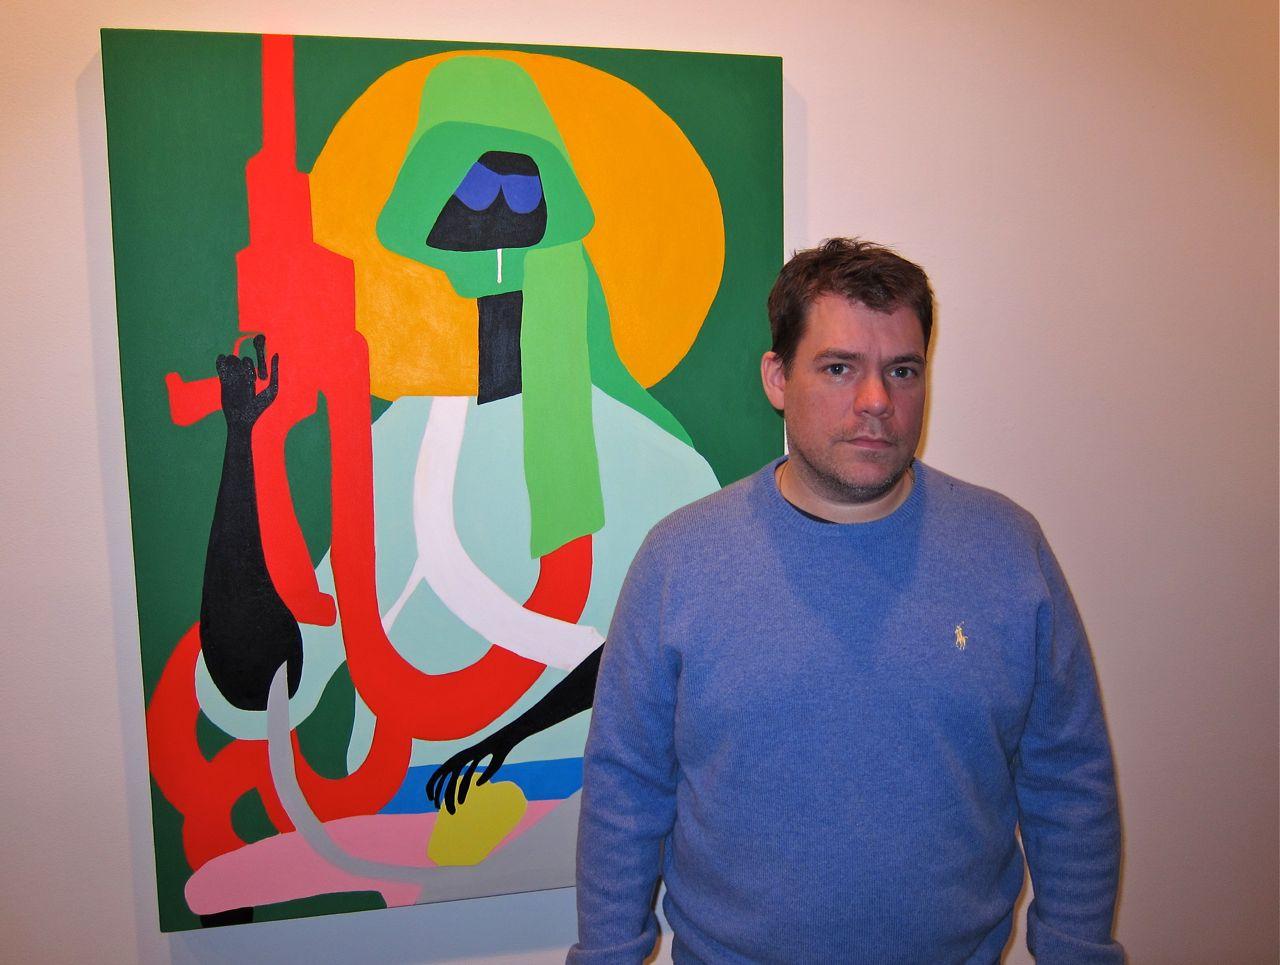 Todd James Reas Gering AM1